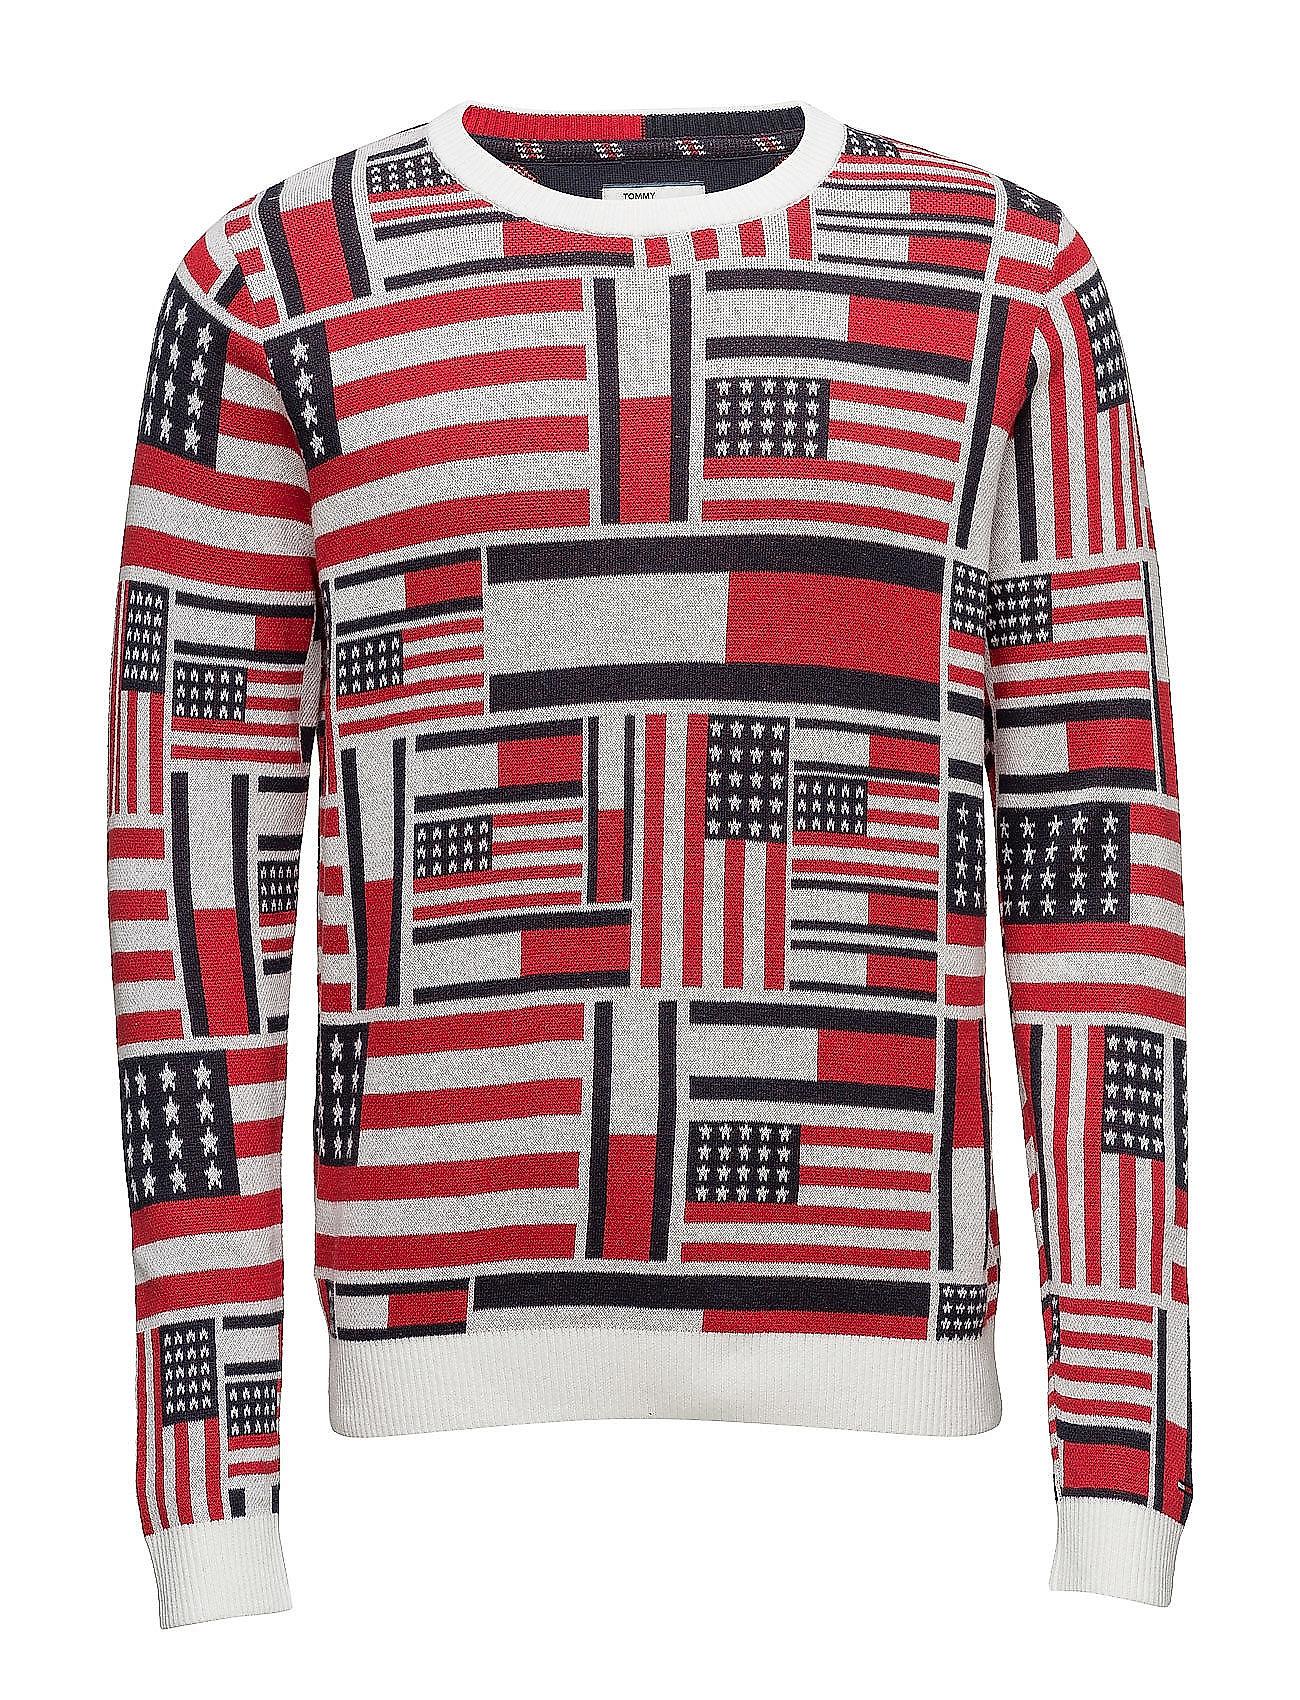 Thdm Iconic Cn Sweater L/S 14 Hilfiger Denim Rundhalsede til Herrer i hvid